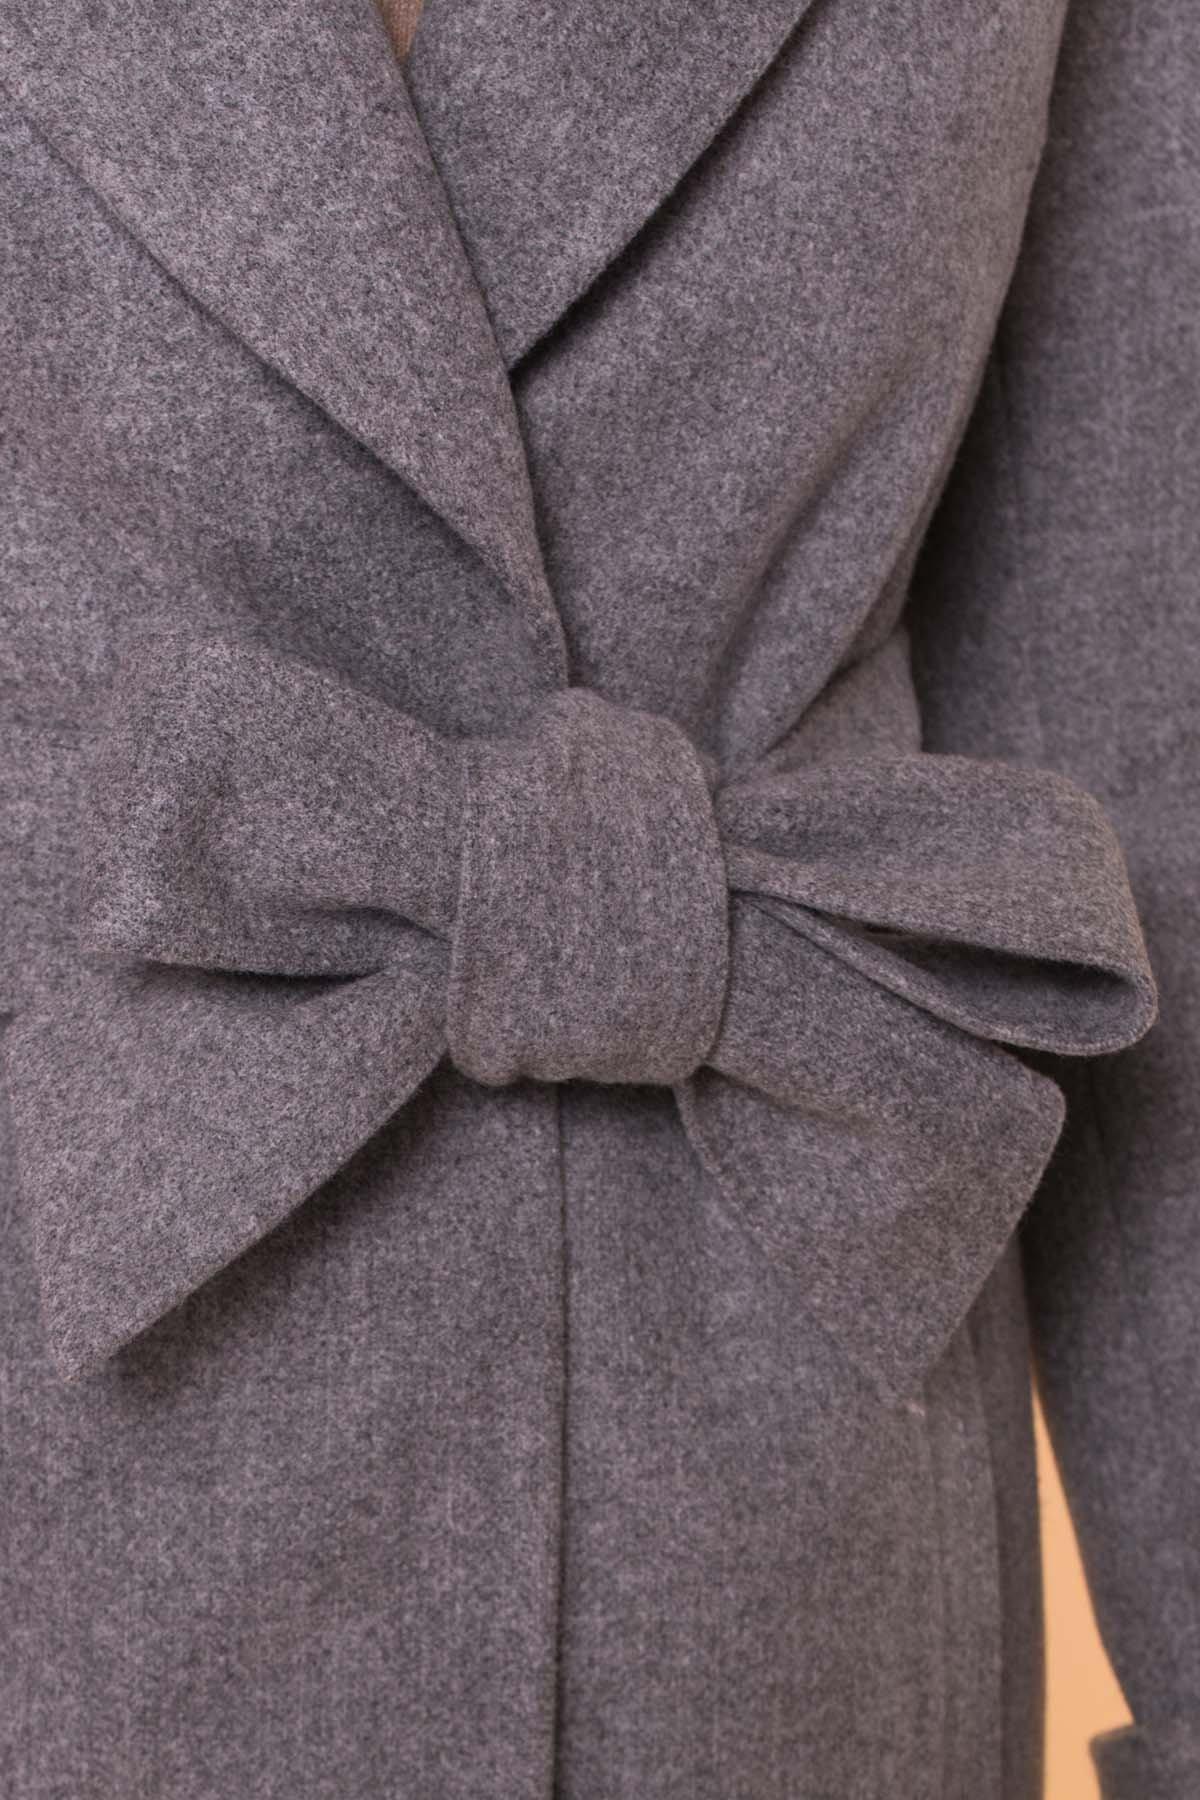 Пальто Лесли 6262 АРТ. 41034 Цвет: Серый 18 - фото 11, интернет магазин tm-modus.ru